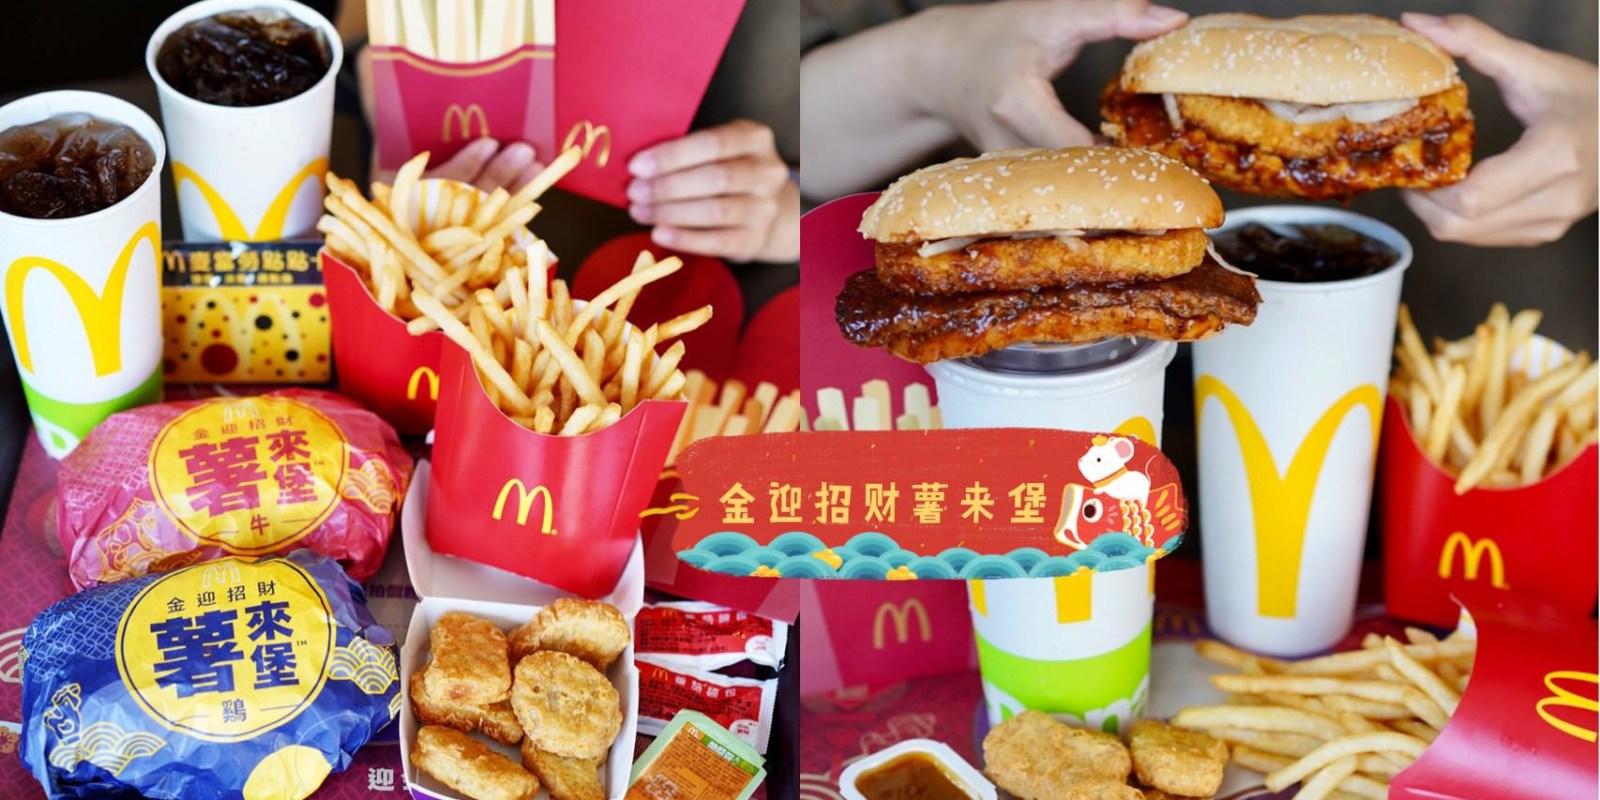 【麥當勞】2021「金迎招財薯來堡」、「金迎招財福堡」強勢回歸啦!買就送好運紅包袋,送完為止!